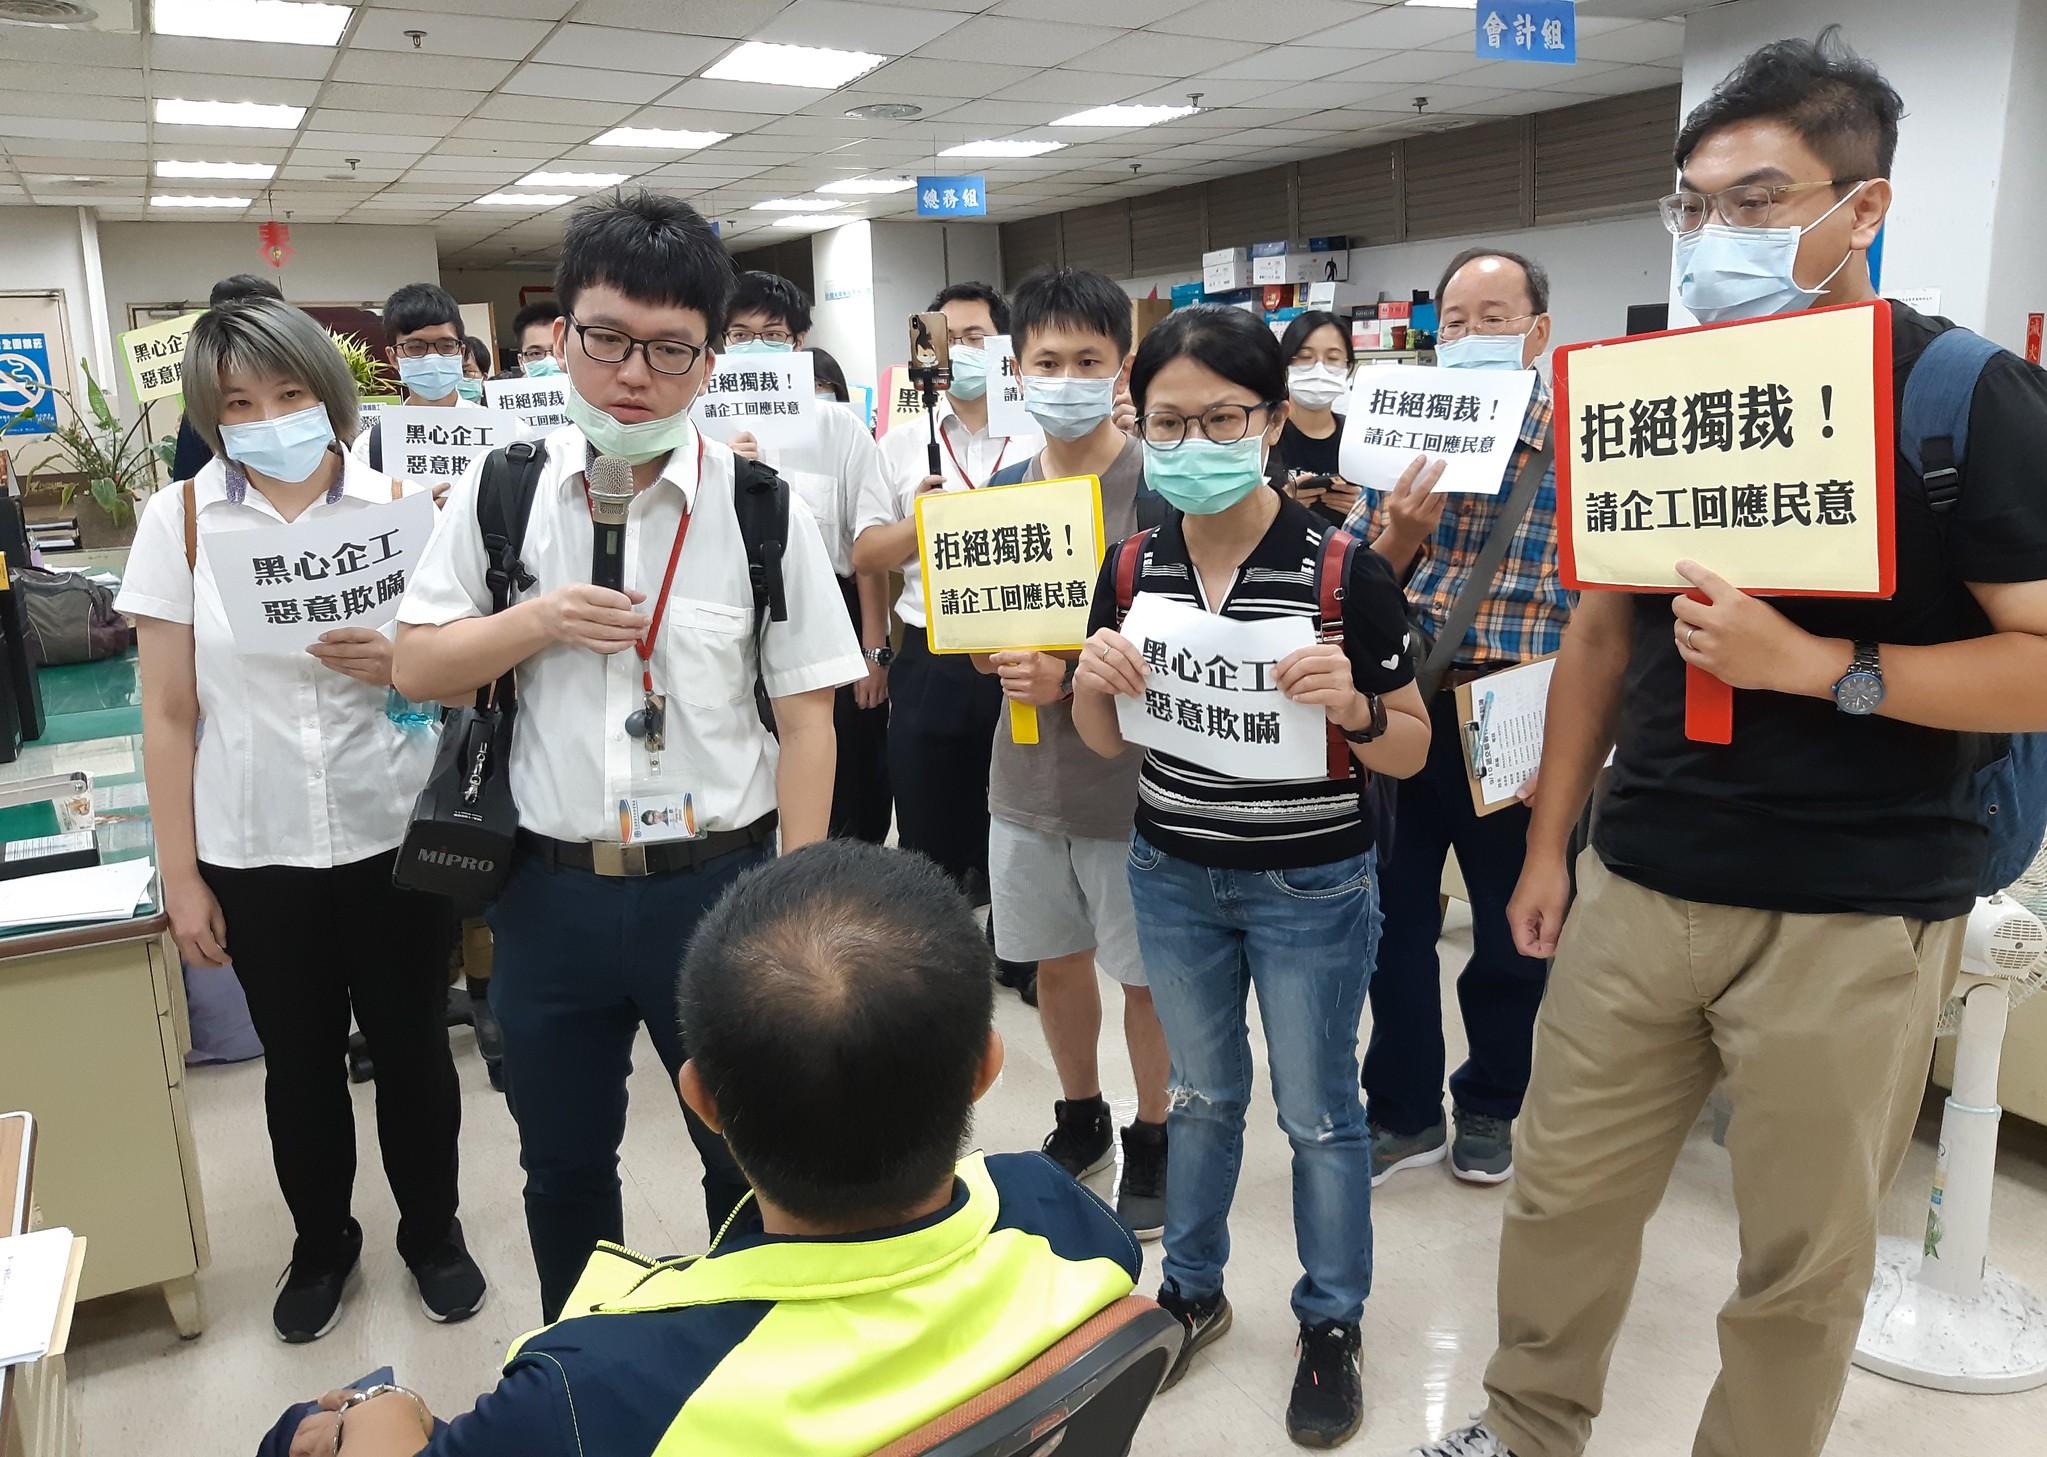 臺鐵企工選舉爆爭議 6名產工成員當選遭除名   苦勞網